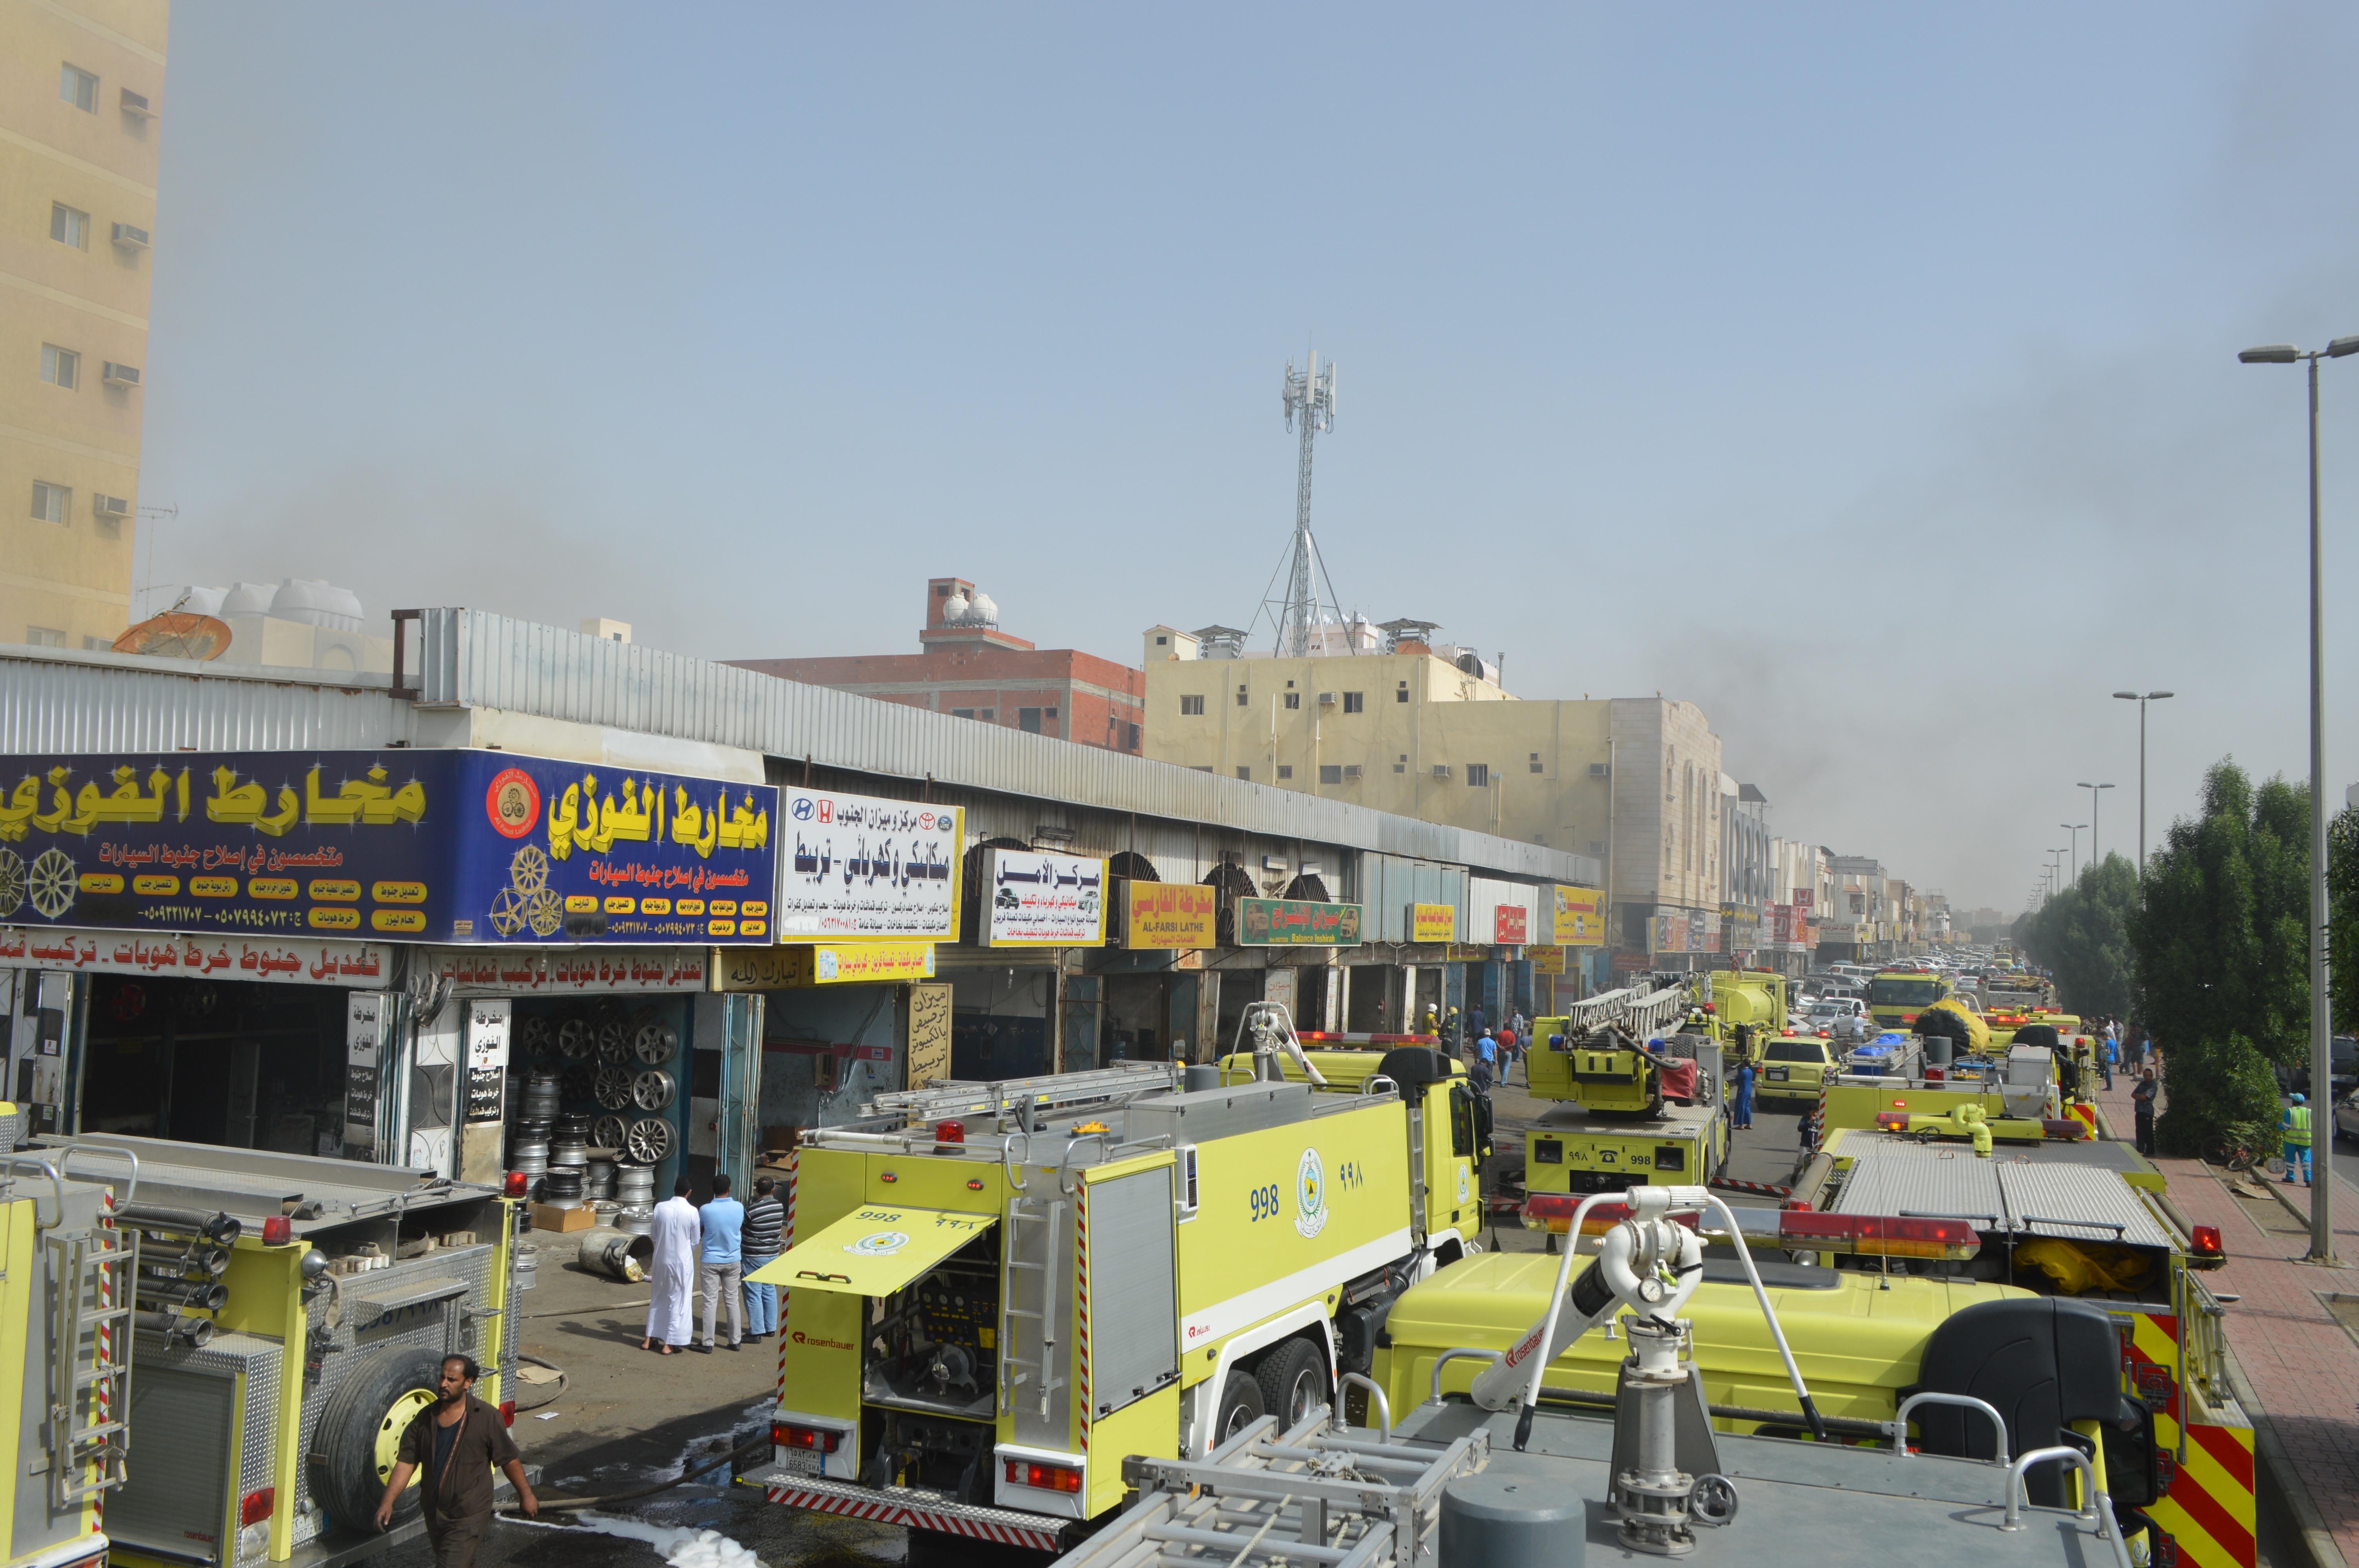 حريق مستودع لقطع غيار السيارات بالمنطقة الصناعية بجدة (2)